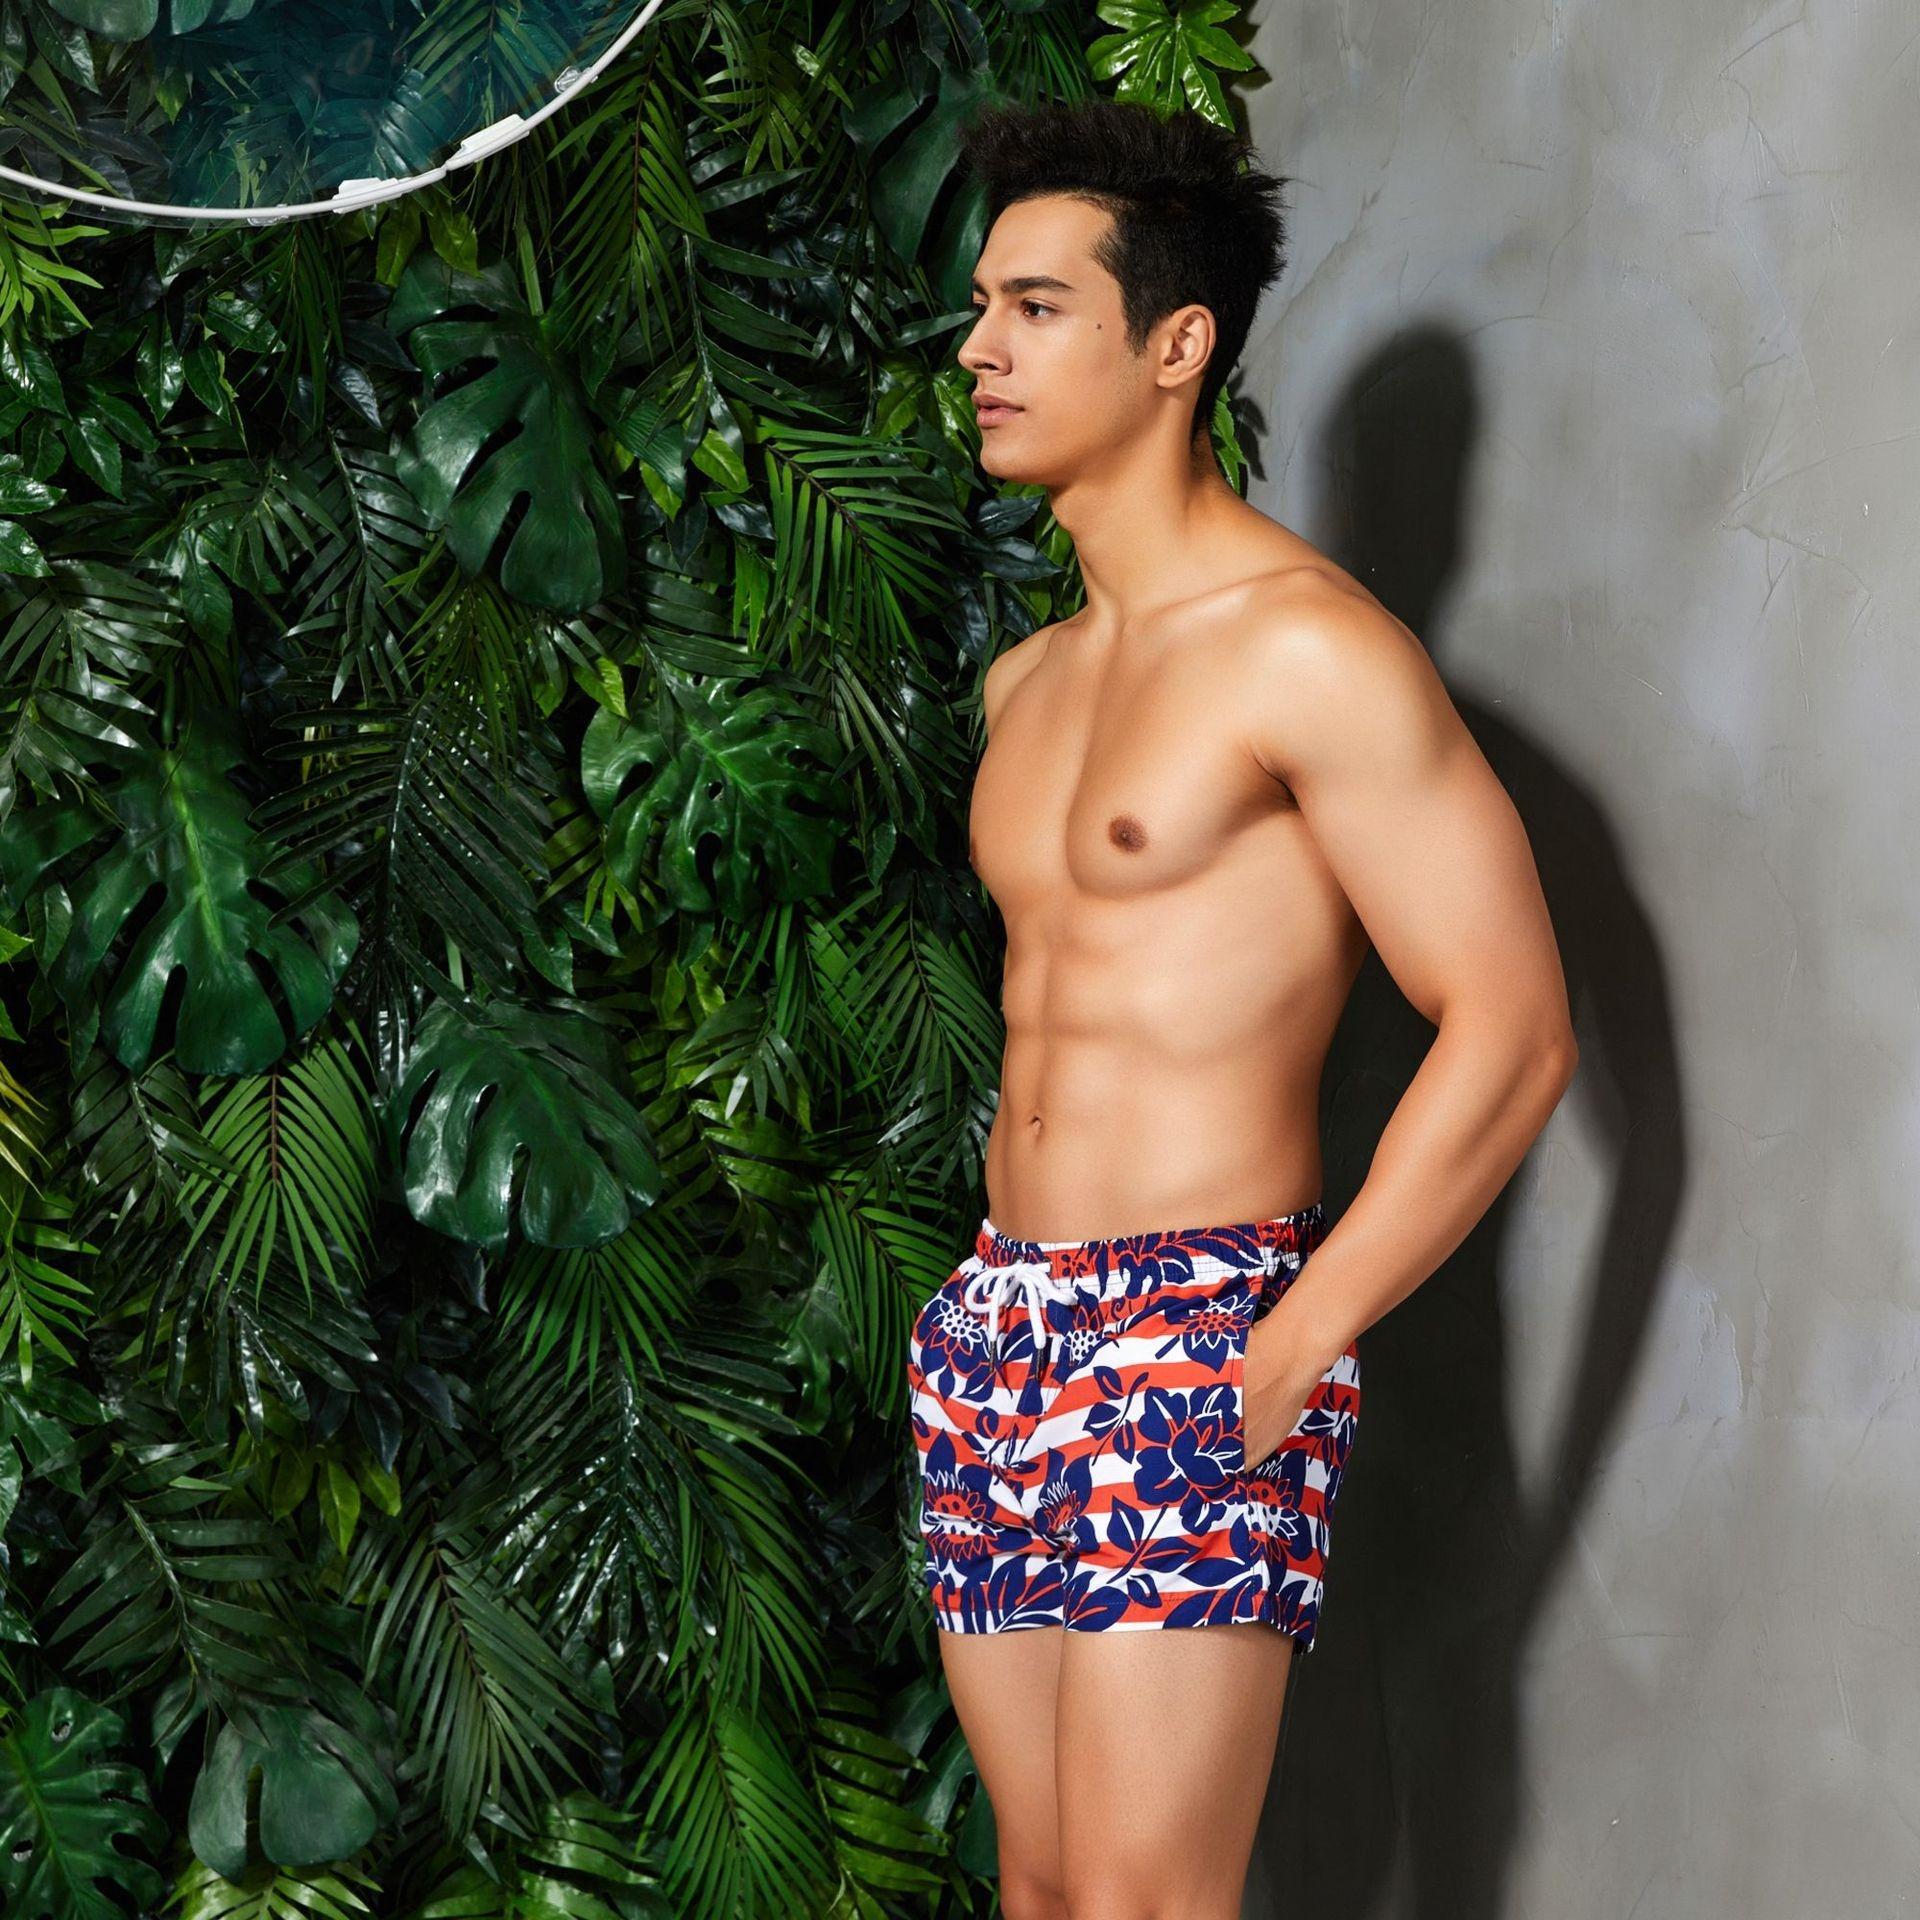 Şort seobean plaj yeni plaj erkek pantolonları pantolon mayo 23oeN yüzme Erkekler şort